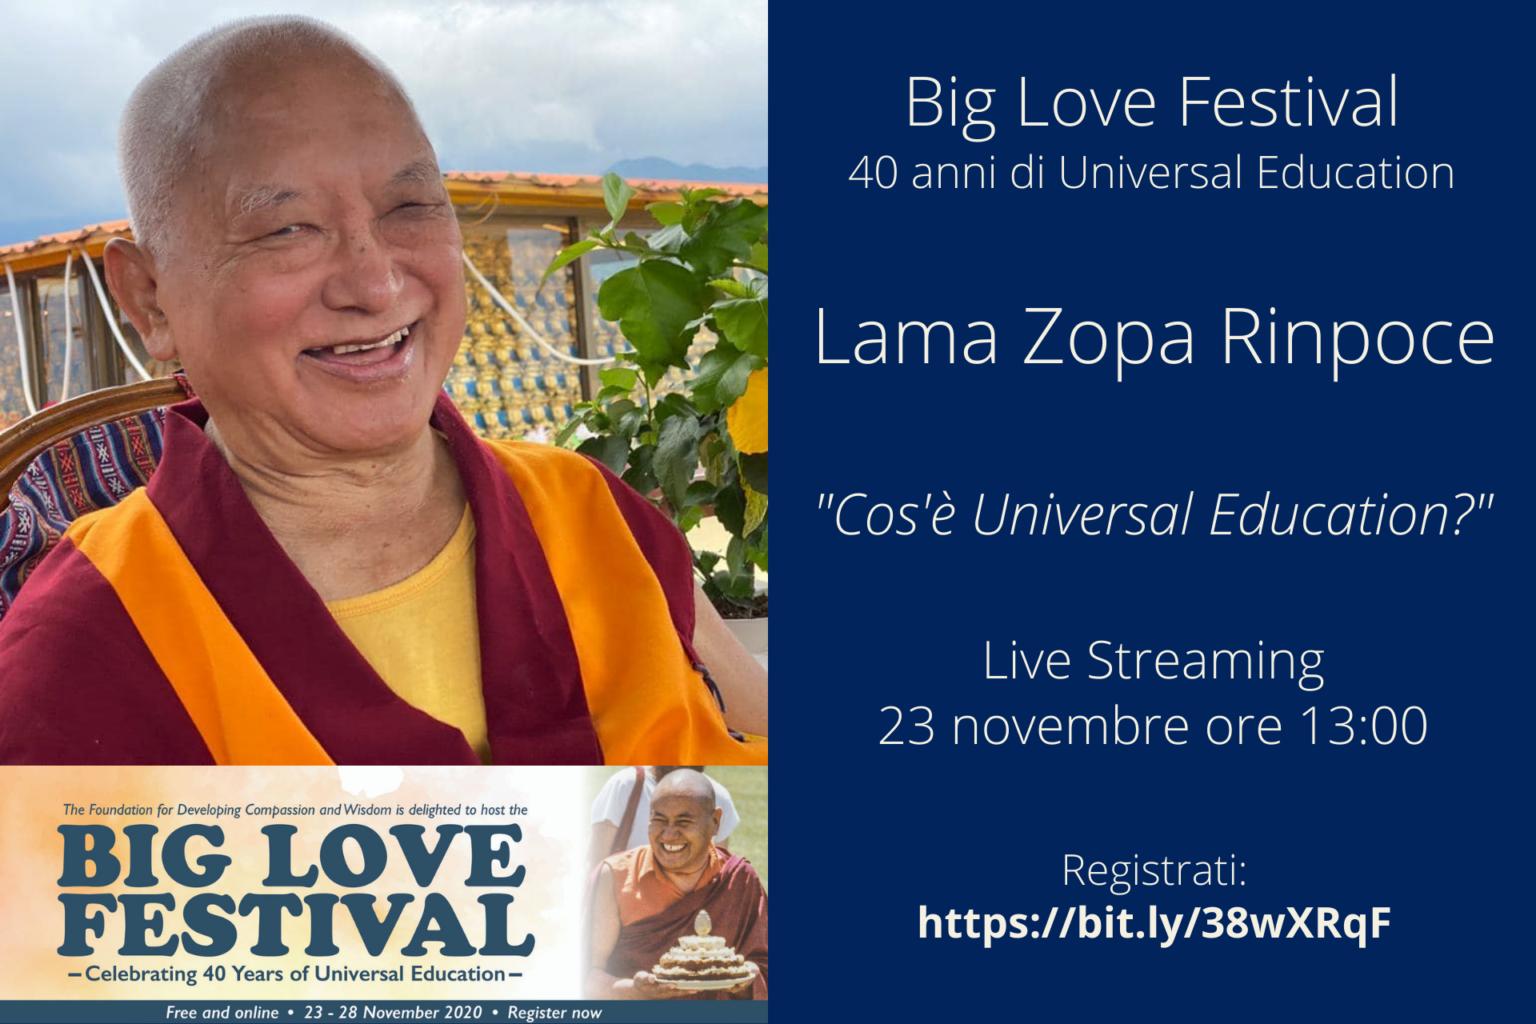 Big Love Festival – 40 anni di Universal Education